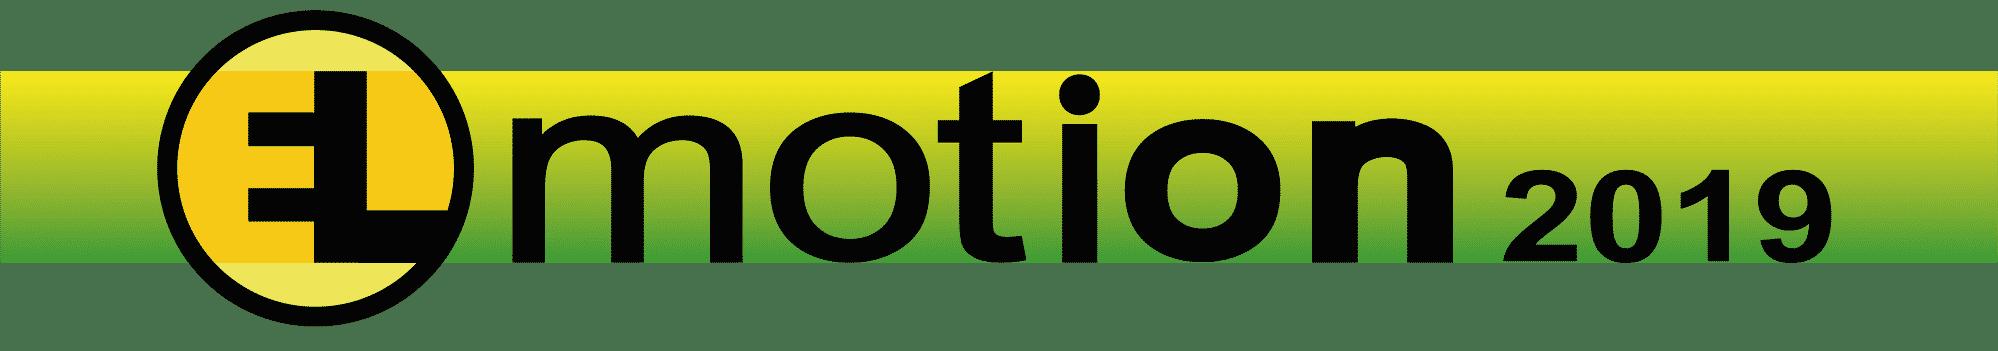 EL-MOTION 2019 – der 9. österreichische Fachkongress rund um E-Mobilität für KMU und kommunale Anwender » EL motion logo 2019 kurz